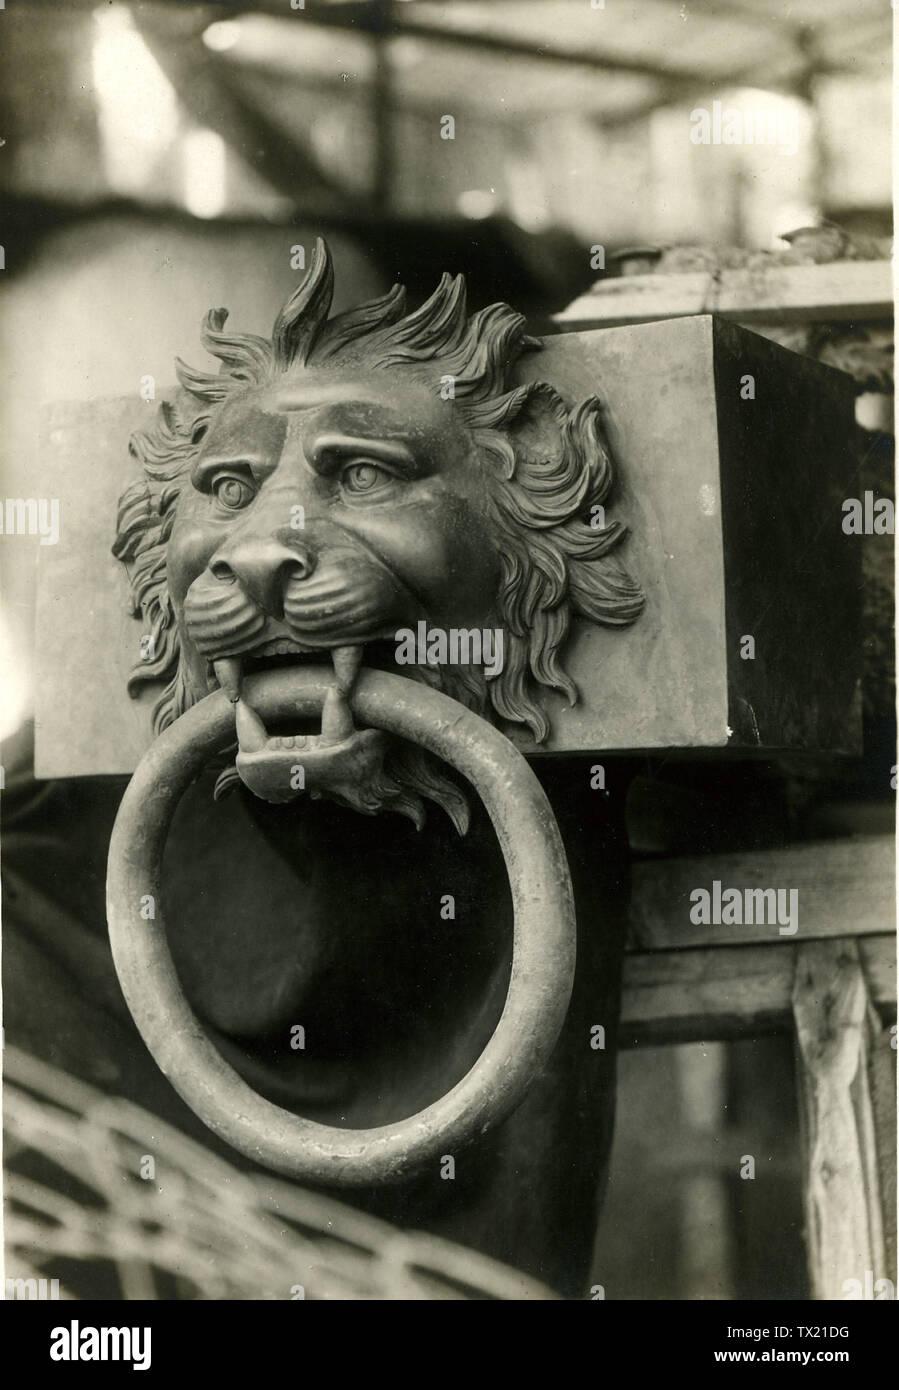 """'Italiano: Navi di Nemi. Elemento decorativo in bronzo per testa di trave, rappresentante una testa di leone che stringe fra i denti onu anello; tra il 1928 e il 1930 data QS:P,+1950-00-00T00:00:00Z/7,P1319,+1928-00-00T00:00:00Z/9,P1326,+1930-00-00T00:00:00Z/9; Archivio fotografico storico del Museo della scienza e della tecnologia Leonardo da Vinci. Museo della Scienza e della Tecnologia Leonardo da Vinci Luogo Milano, Italia coordinate 45° 27' 46.87"""" N, 9° 10' 16.45"""" E STABILITO 1942 Pagina Web http://www.museoscienza.org competente controllo : Q947082 VIAF: 168126333 ISNI: 0000 Immagini Stock"""